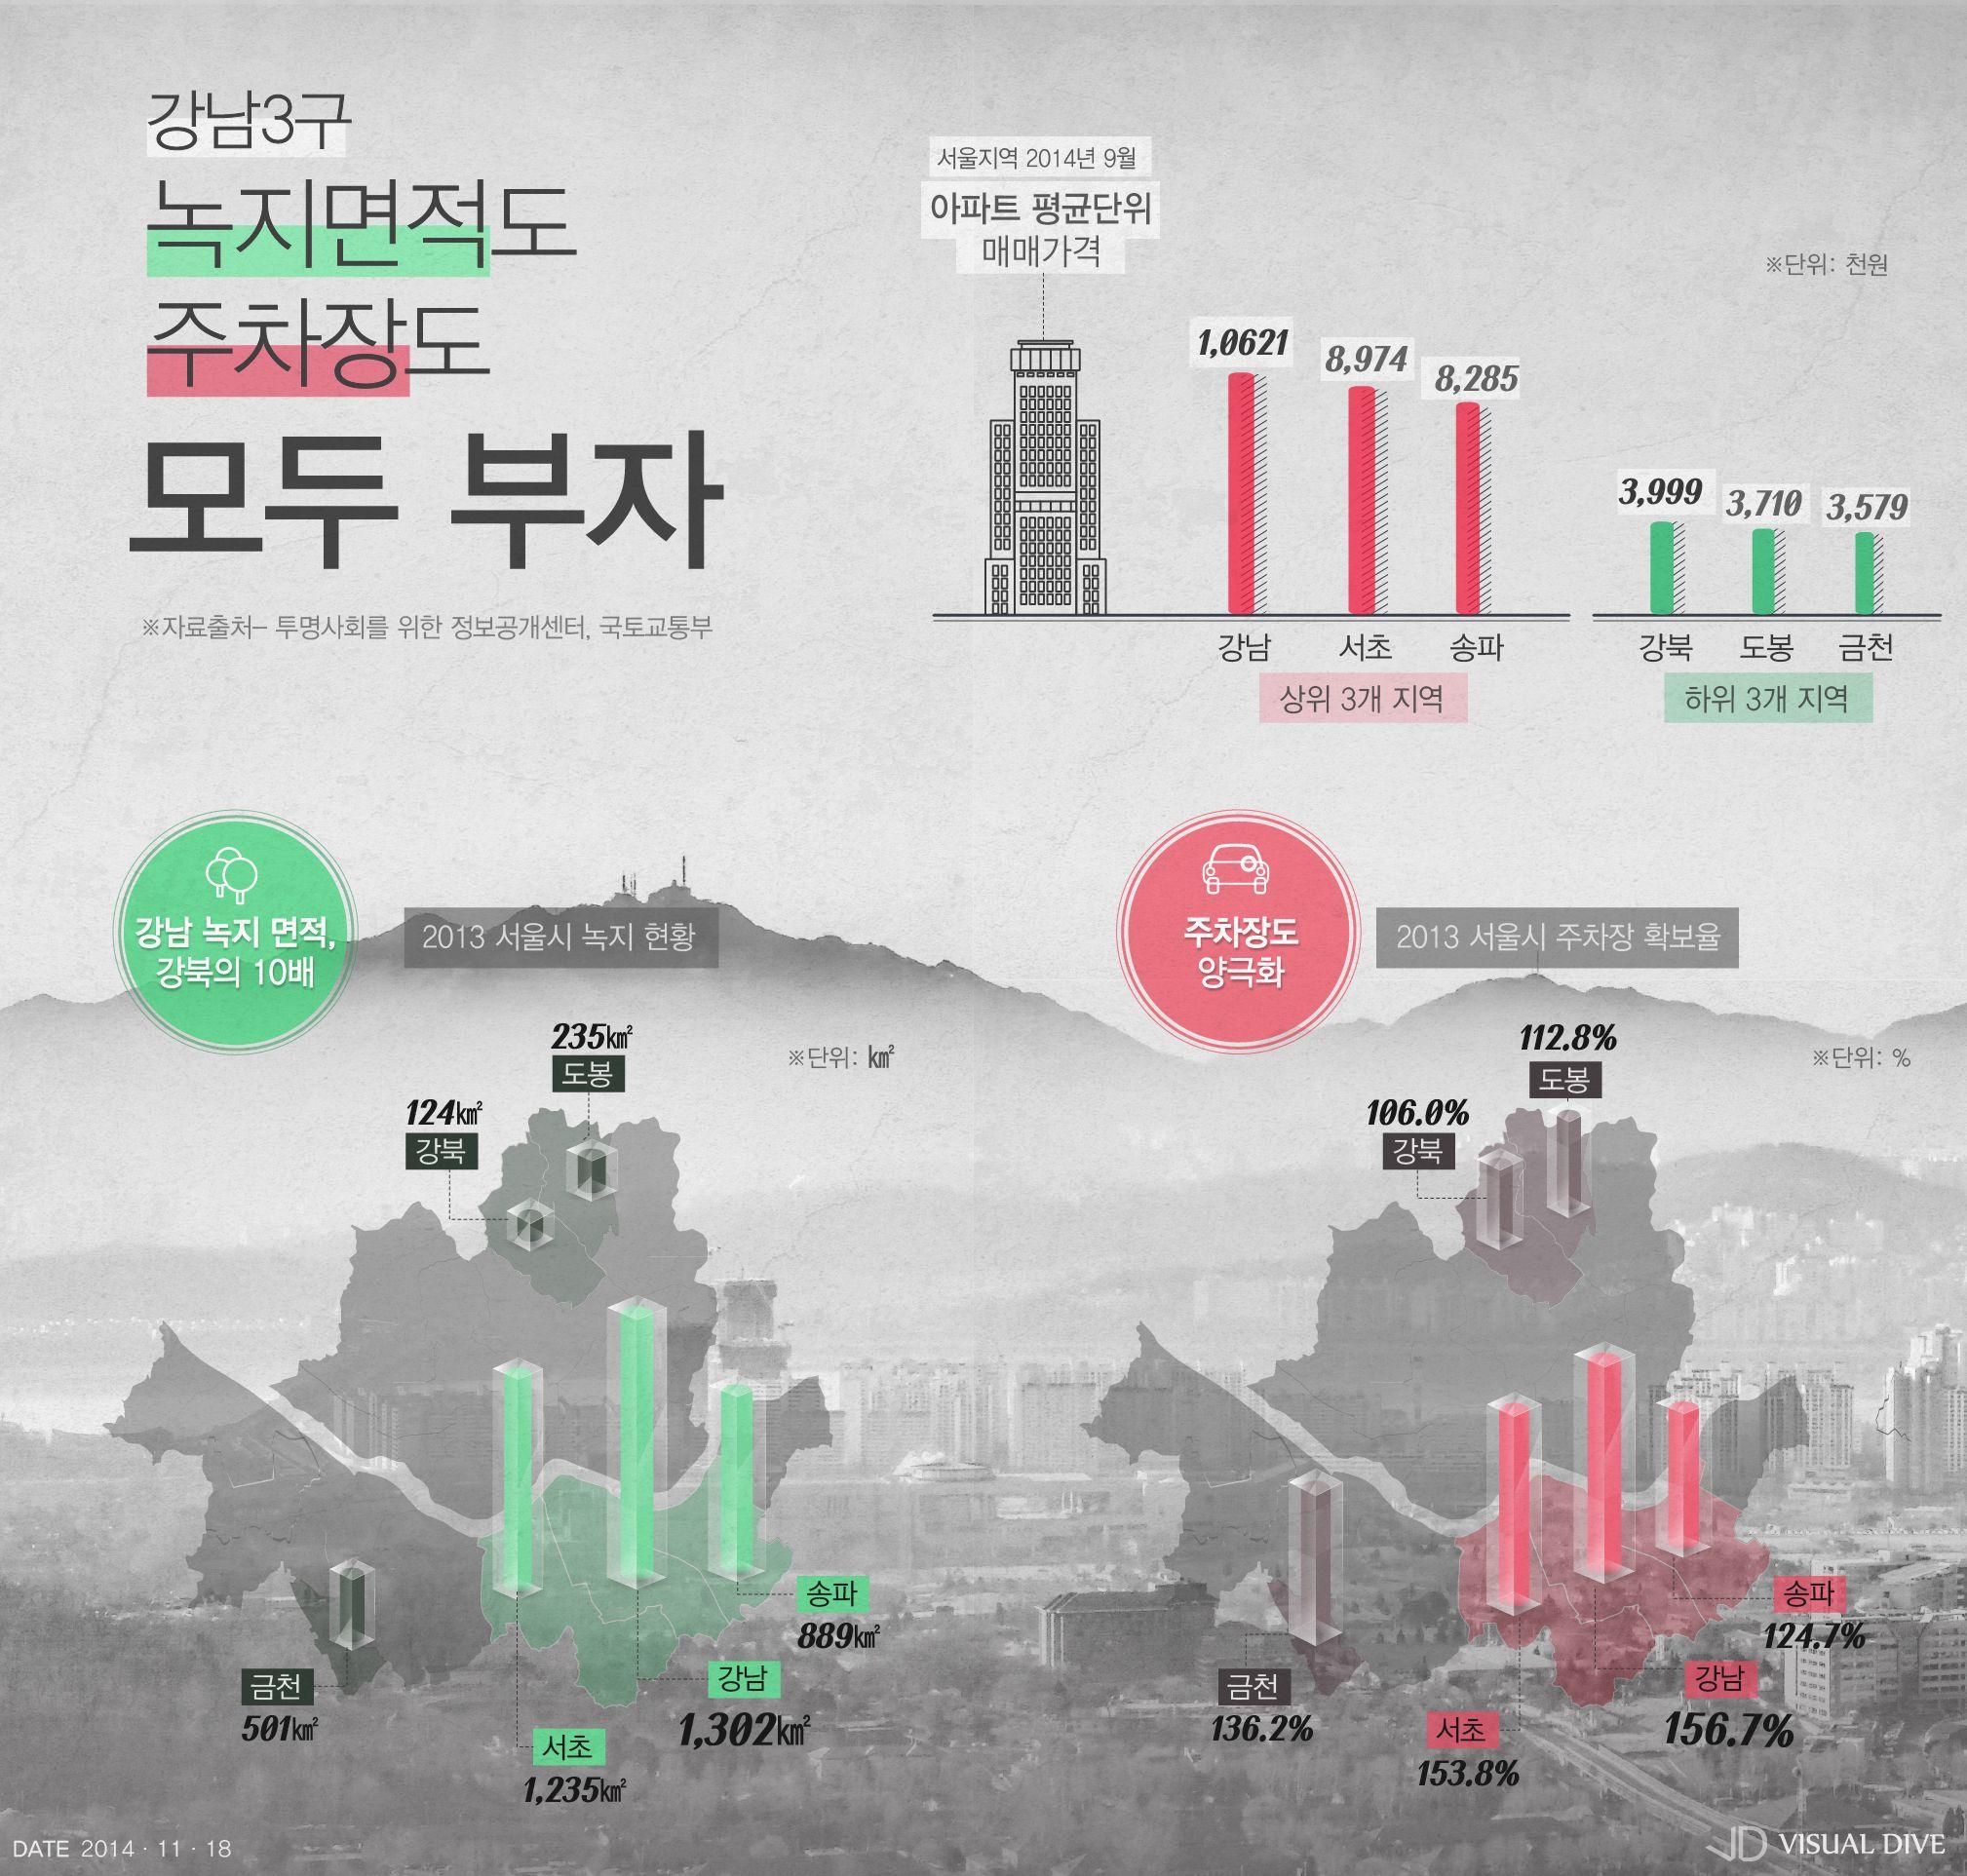 '부자동네'일수록 녹지면적 넓고, 공영주차장 많아 [인포그래픽] #Parking lot / #Infographic ⓒ 비주얼다이브 무단 복사·전재·재배포 금지